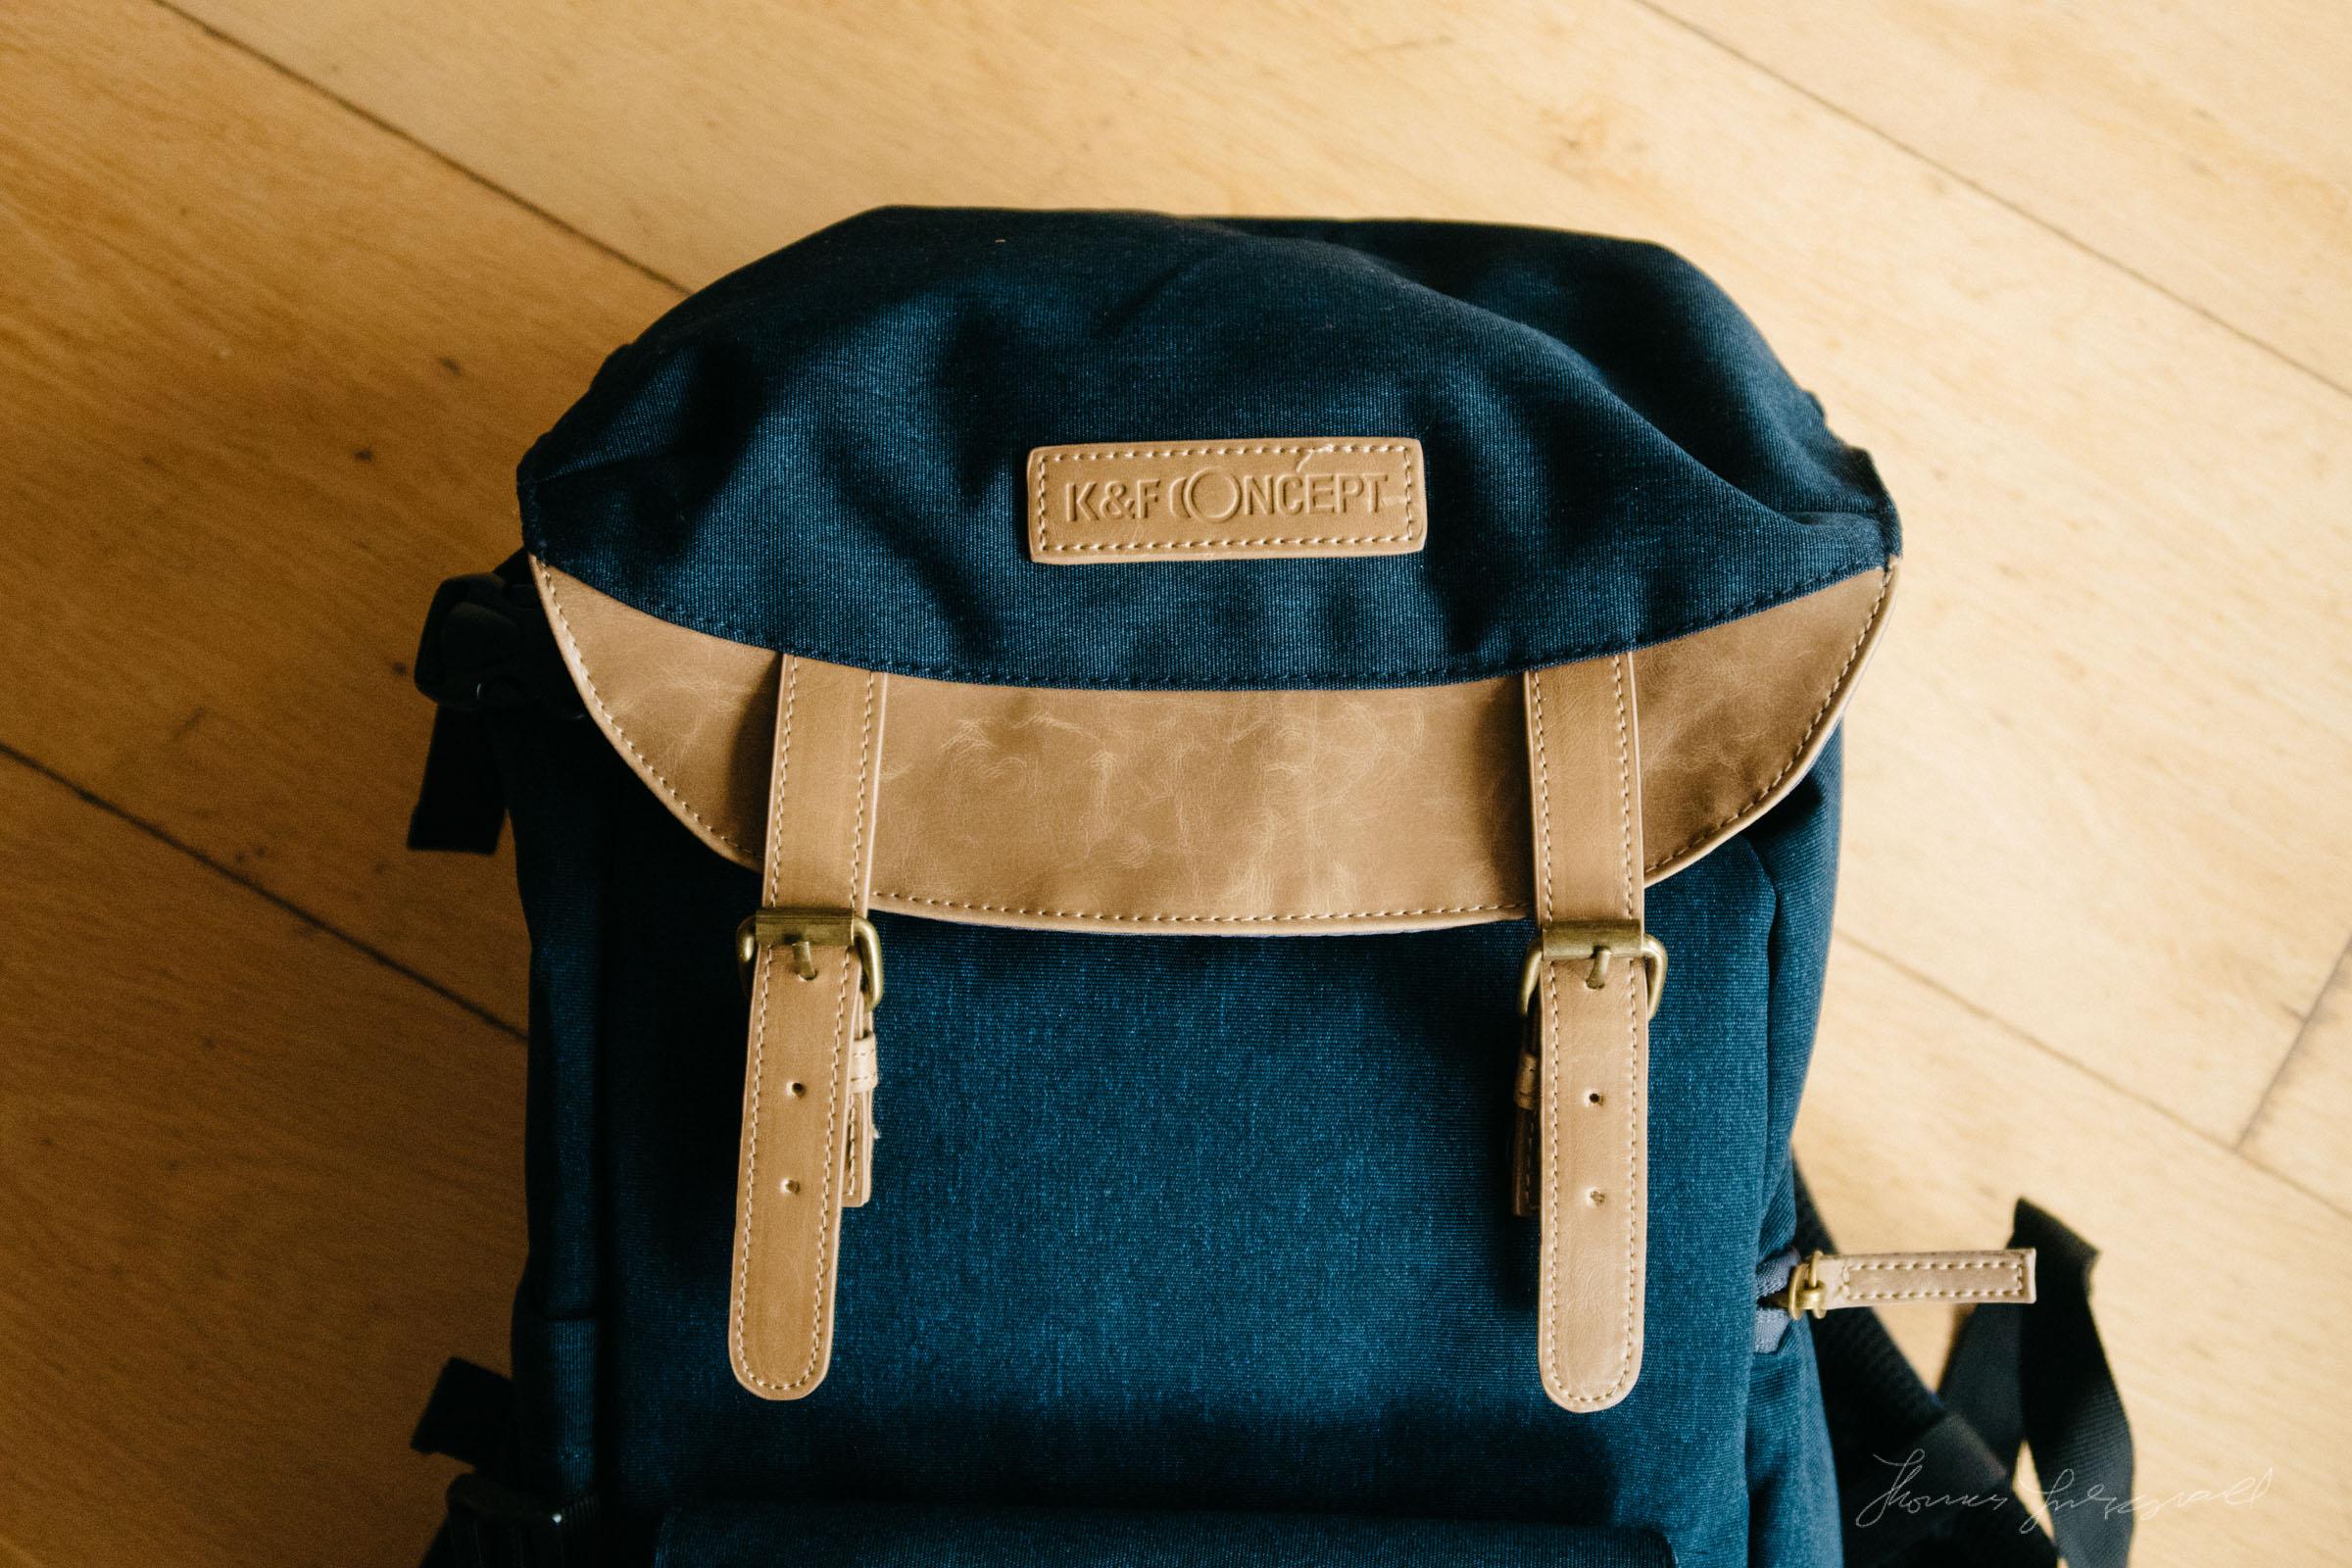 K&F Concept Bag CloseupK&F Concept Bag Review by Thomas Fitzgerald